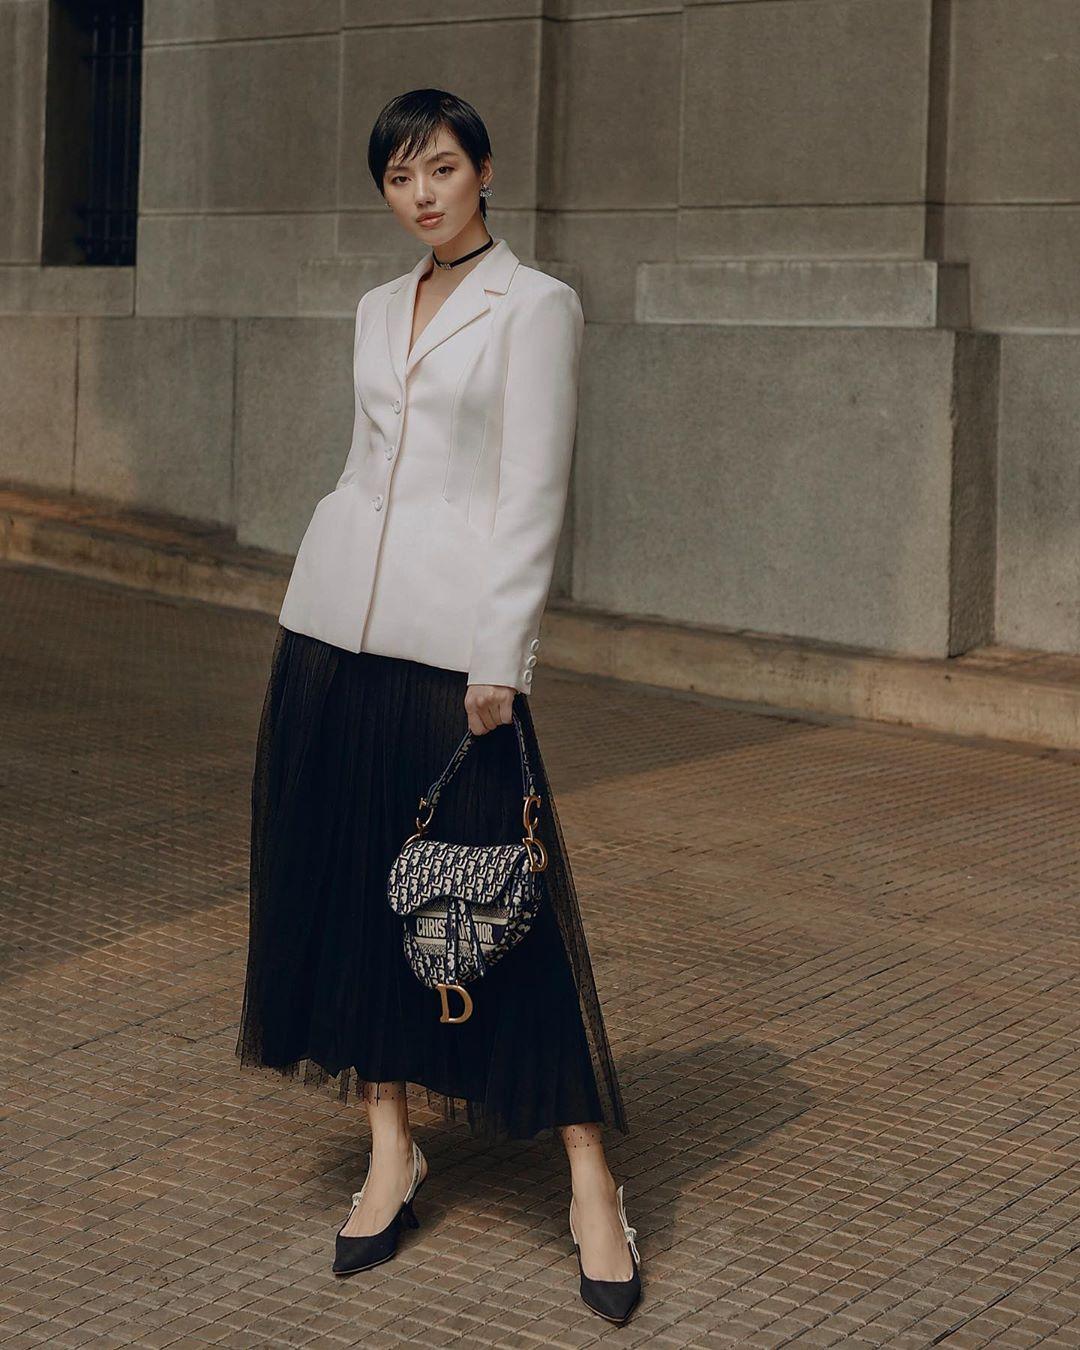 Khánh Linh mặc áo khoác và chân váy voan Dior theo dress code formal